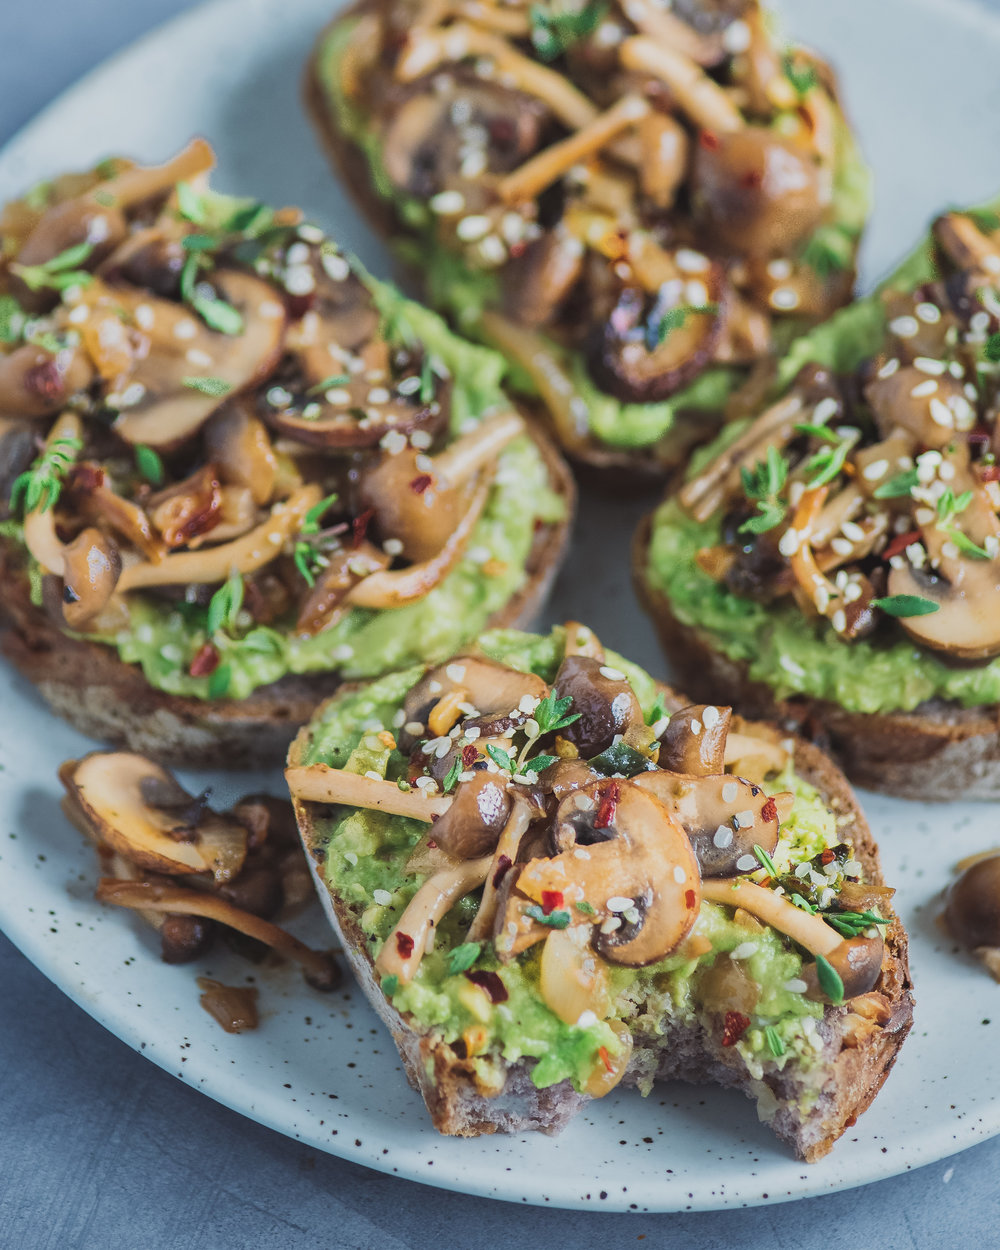 Mushroom avocado toast